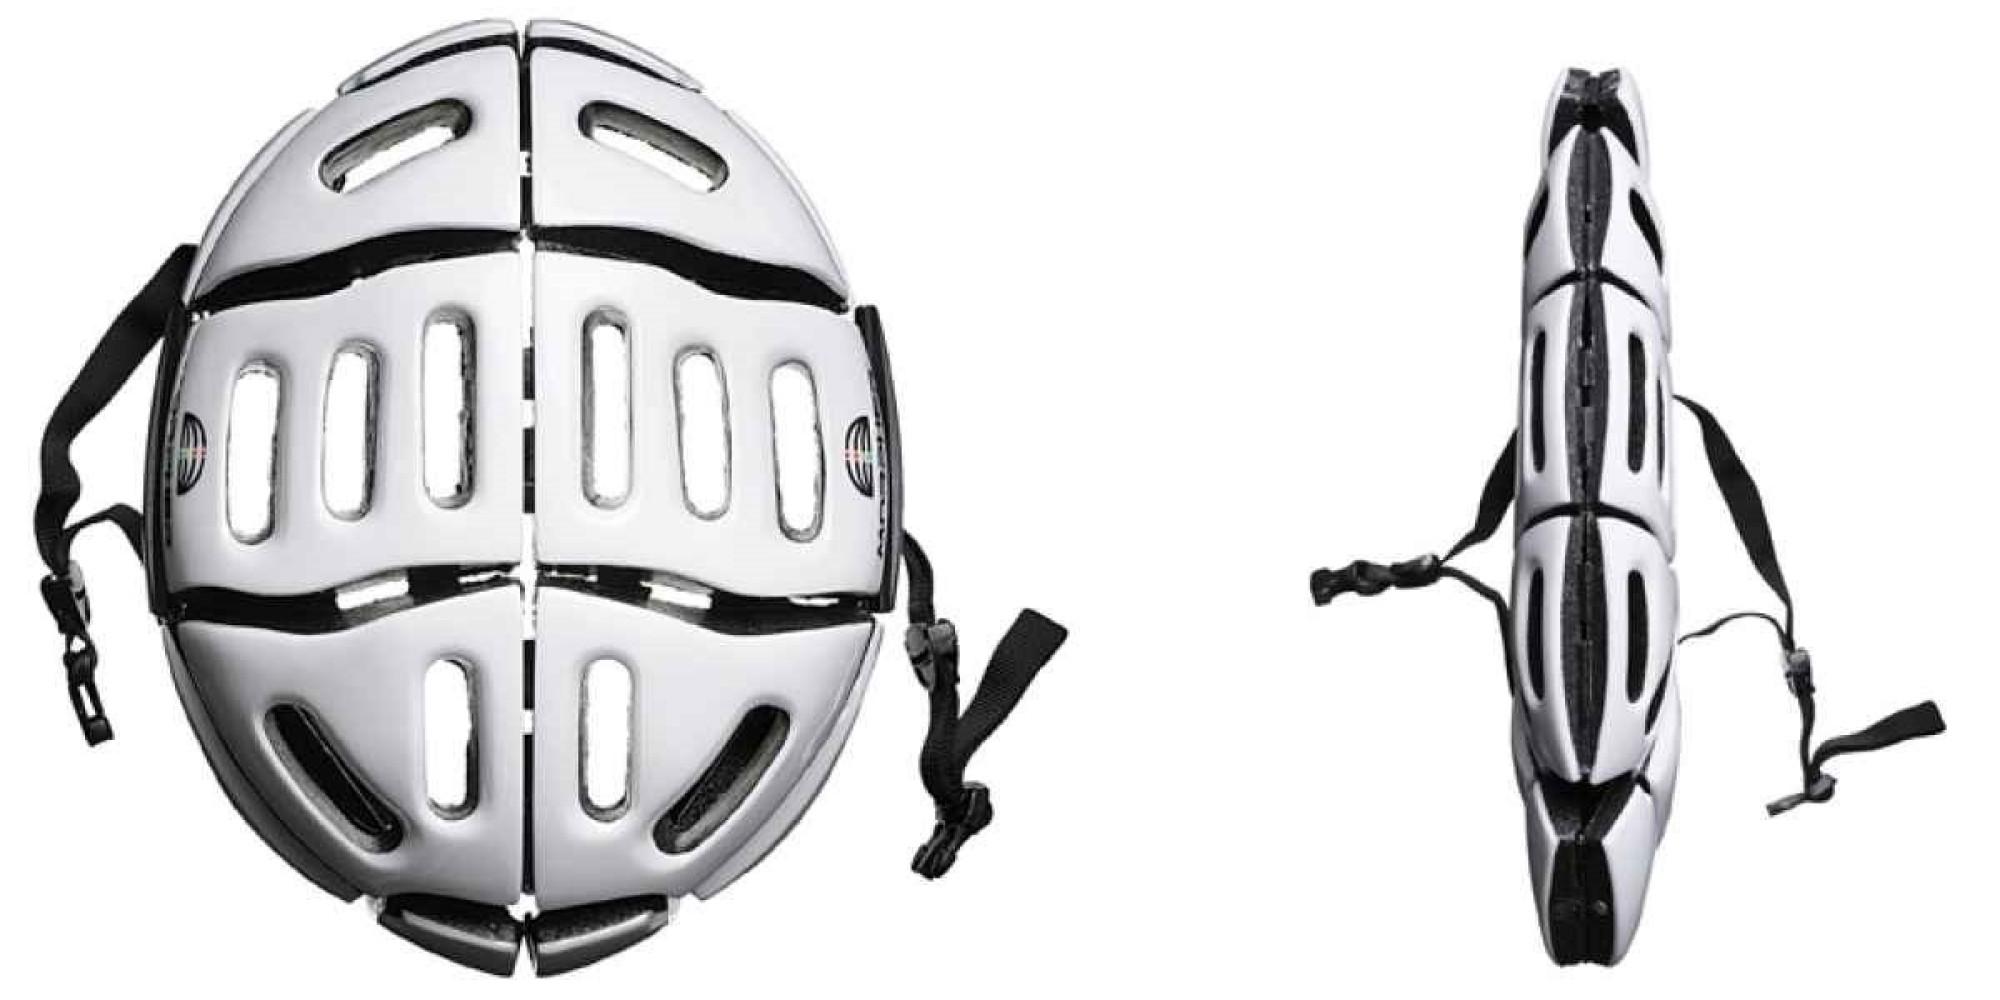 2. Складной шлем для велосипеда от Morpher. Защищает так же хорошо, как обычный, но при этом легко п